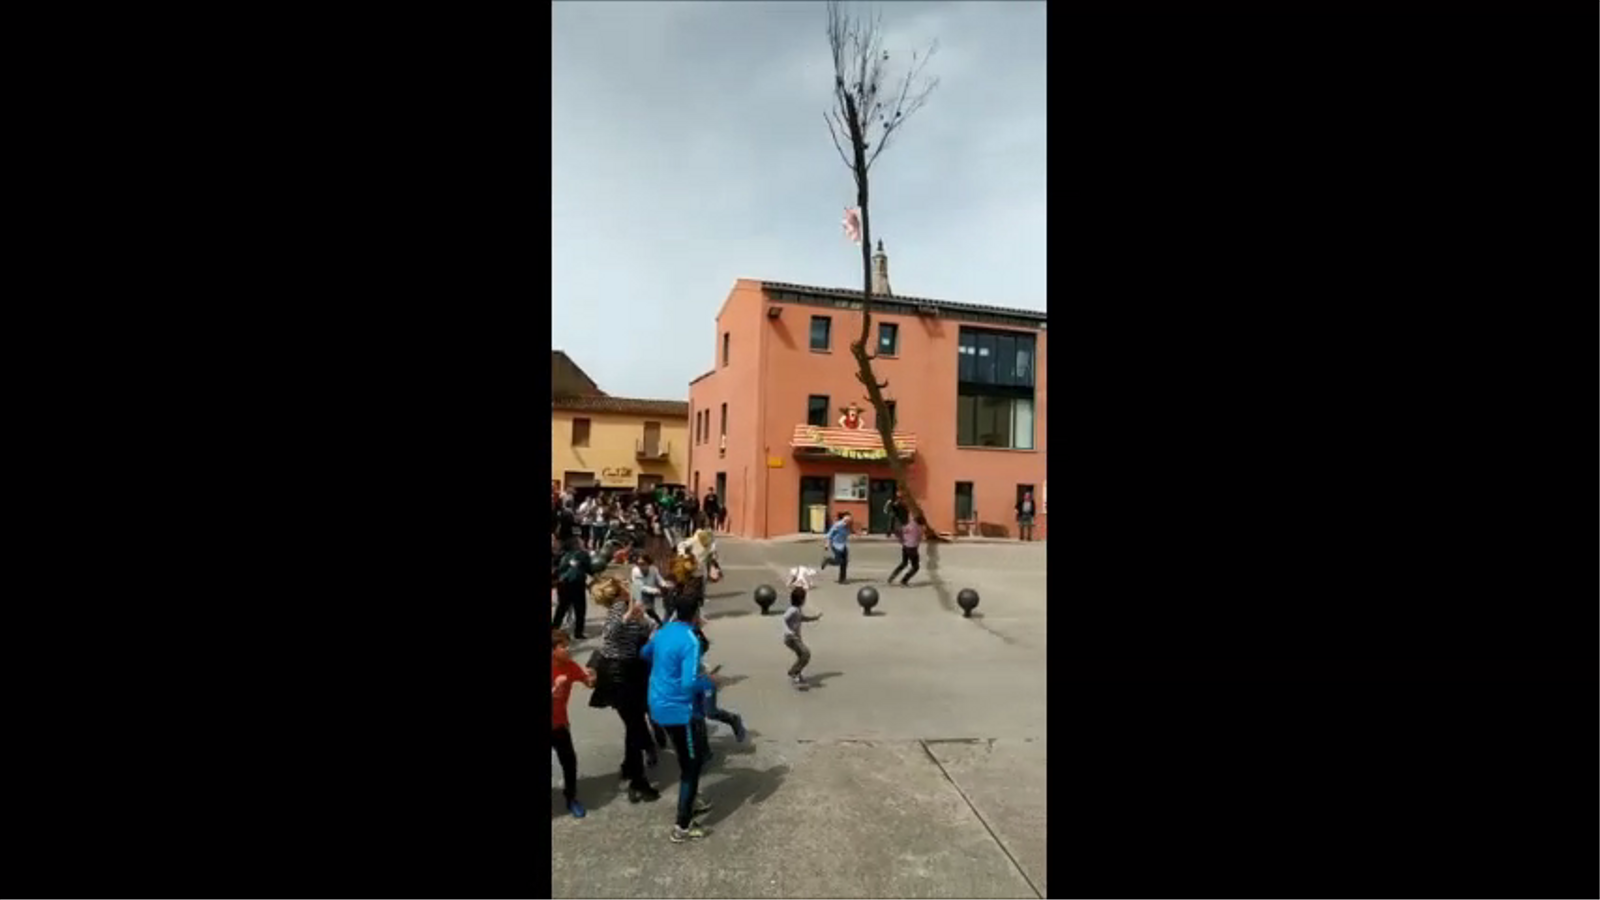 Ensurt a Cornellà del Terri per la caiguda d'un arbre mentre celebraven la Festa Major